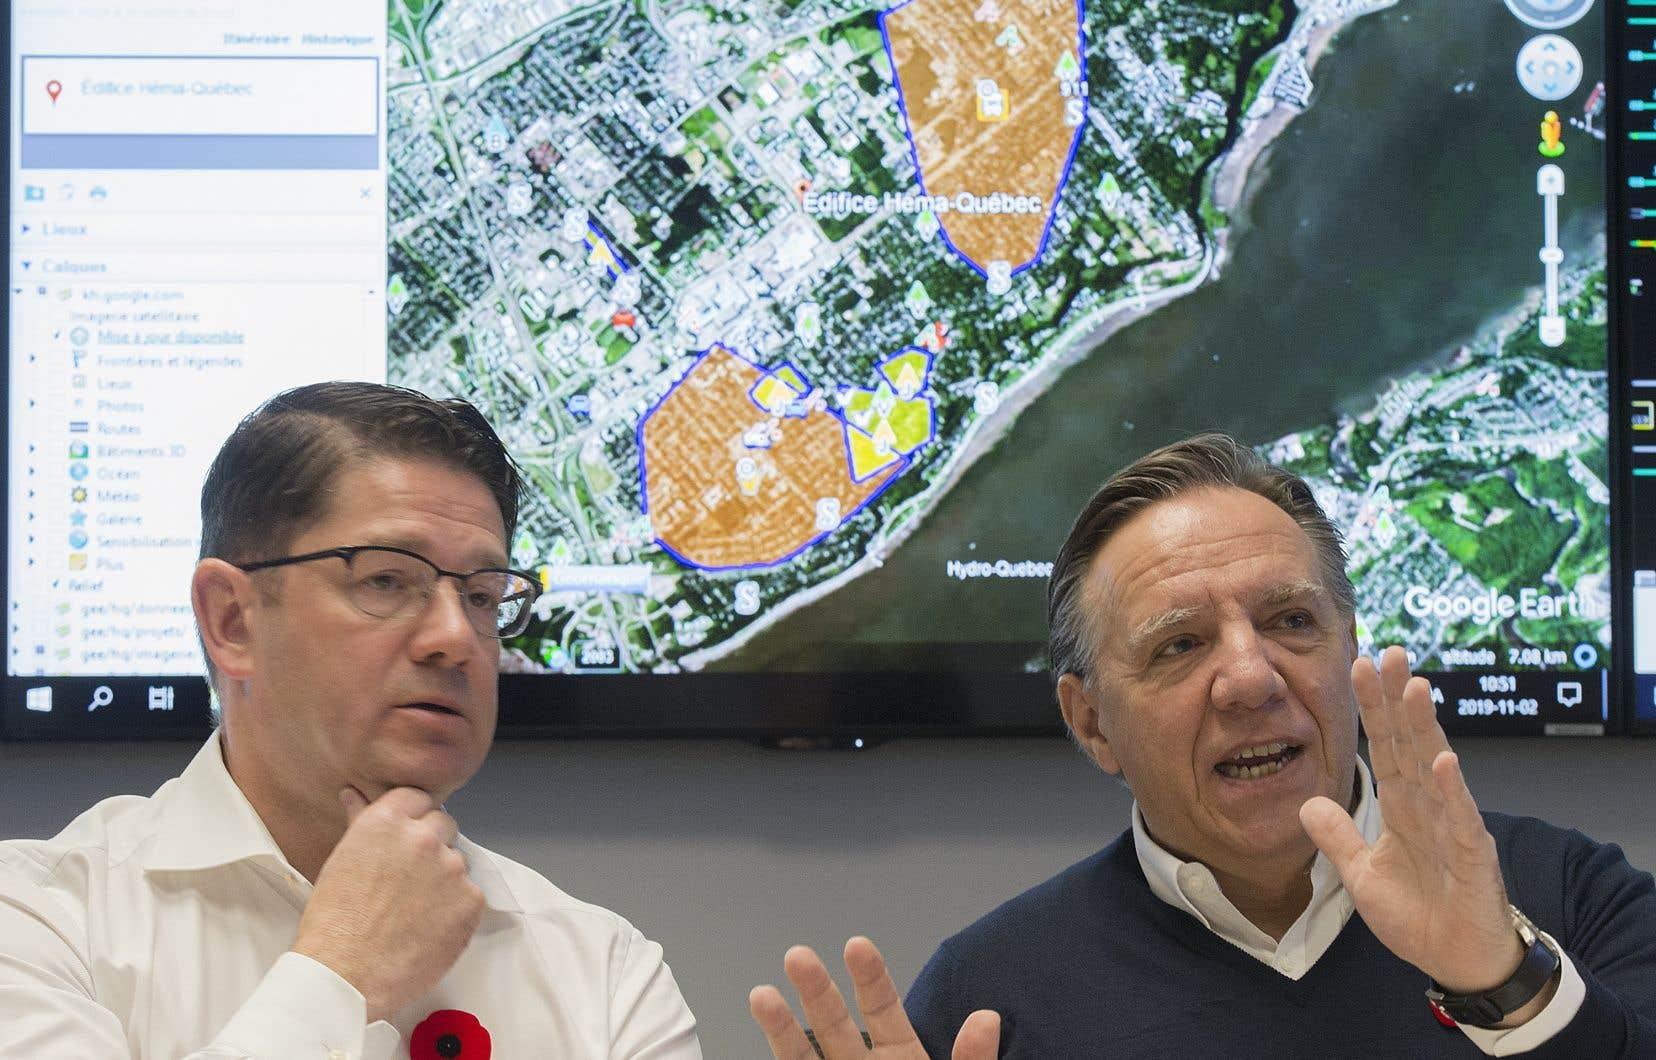 Le PDG d'Hydro-Québec Éric Martel et le premier ministre François Legault lors d'une conférence de presse samedi 2 novembre. Le premier ministre a parlé de «la pire situation depuis la fameuse crise du verglas de 1998».